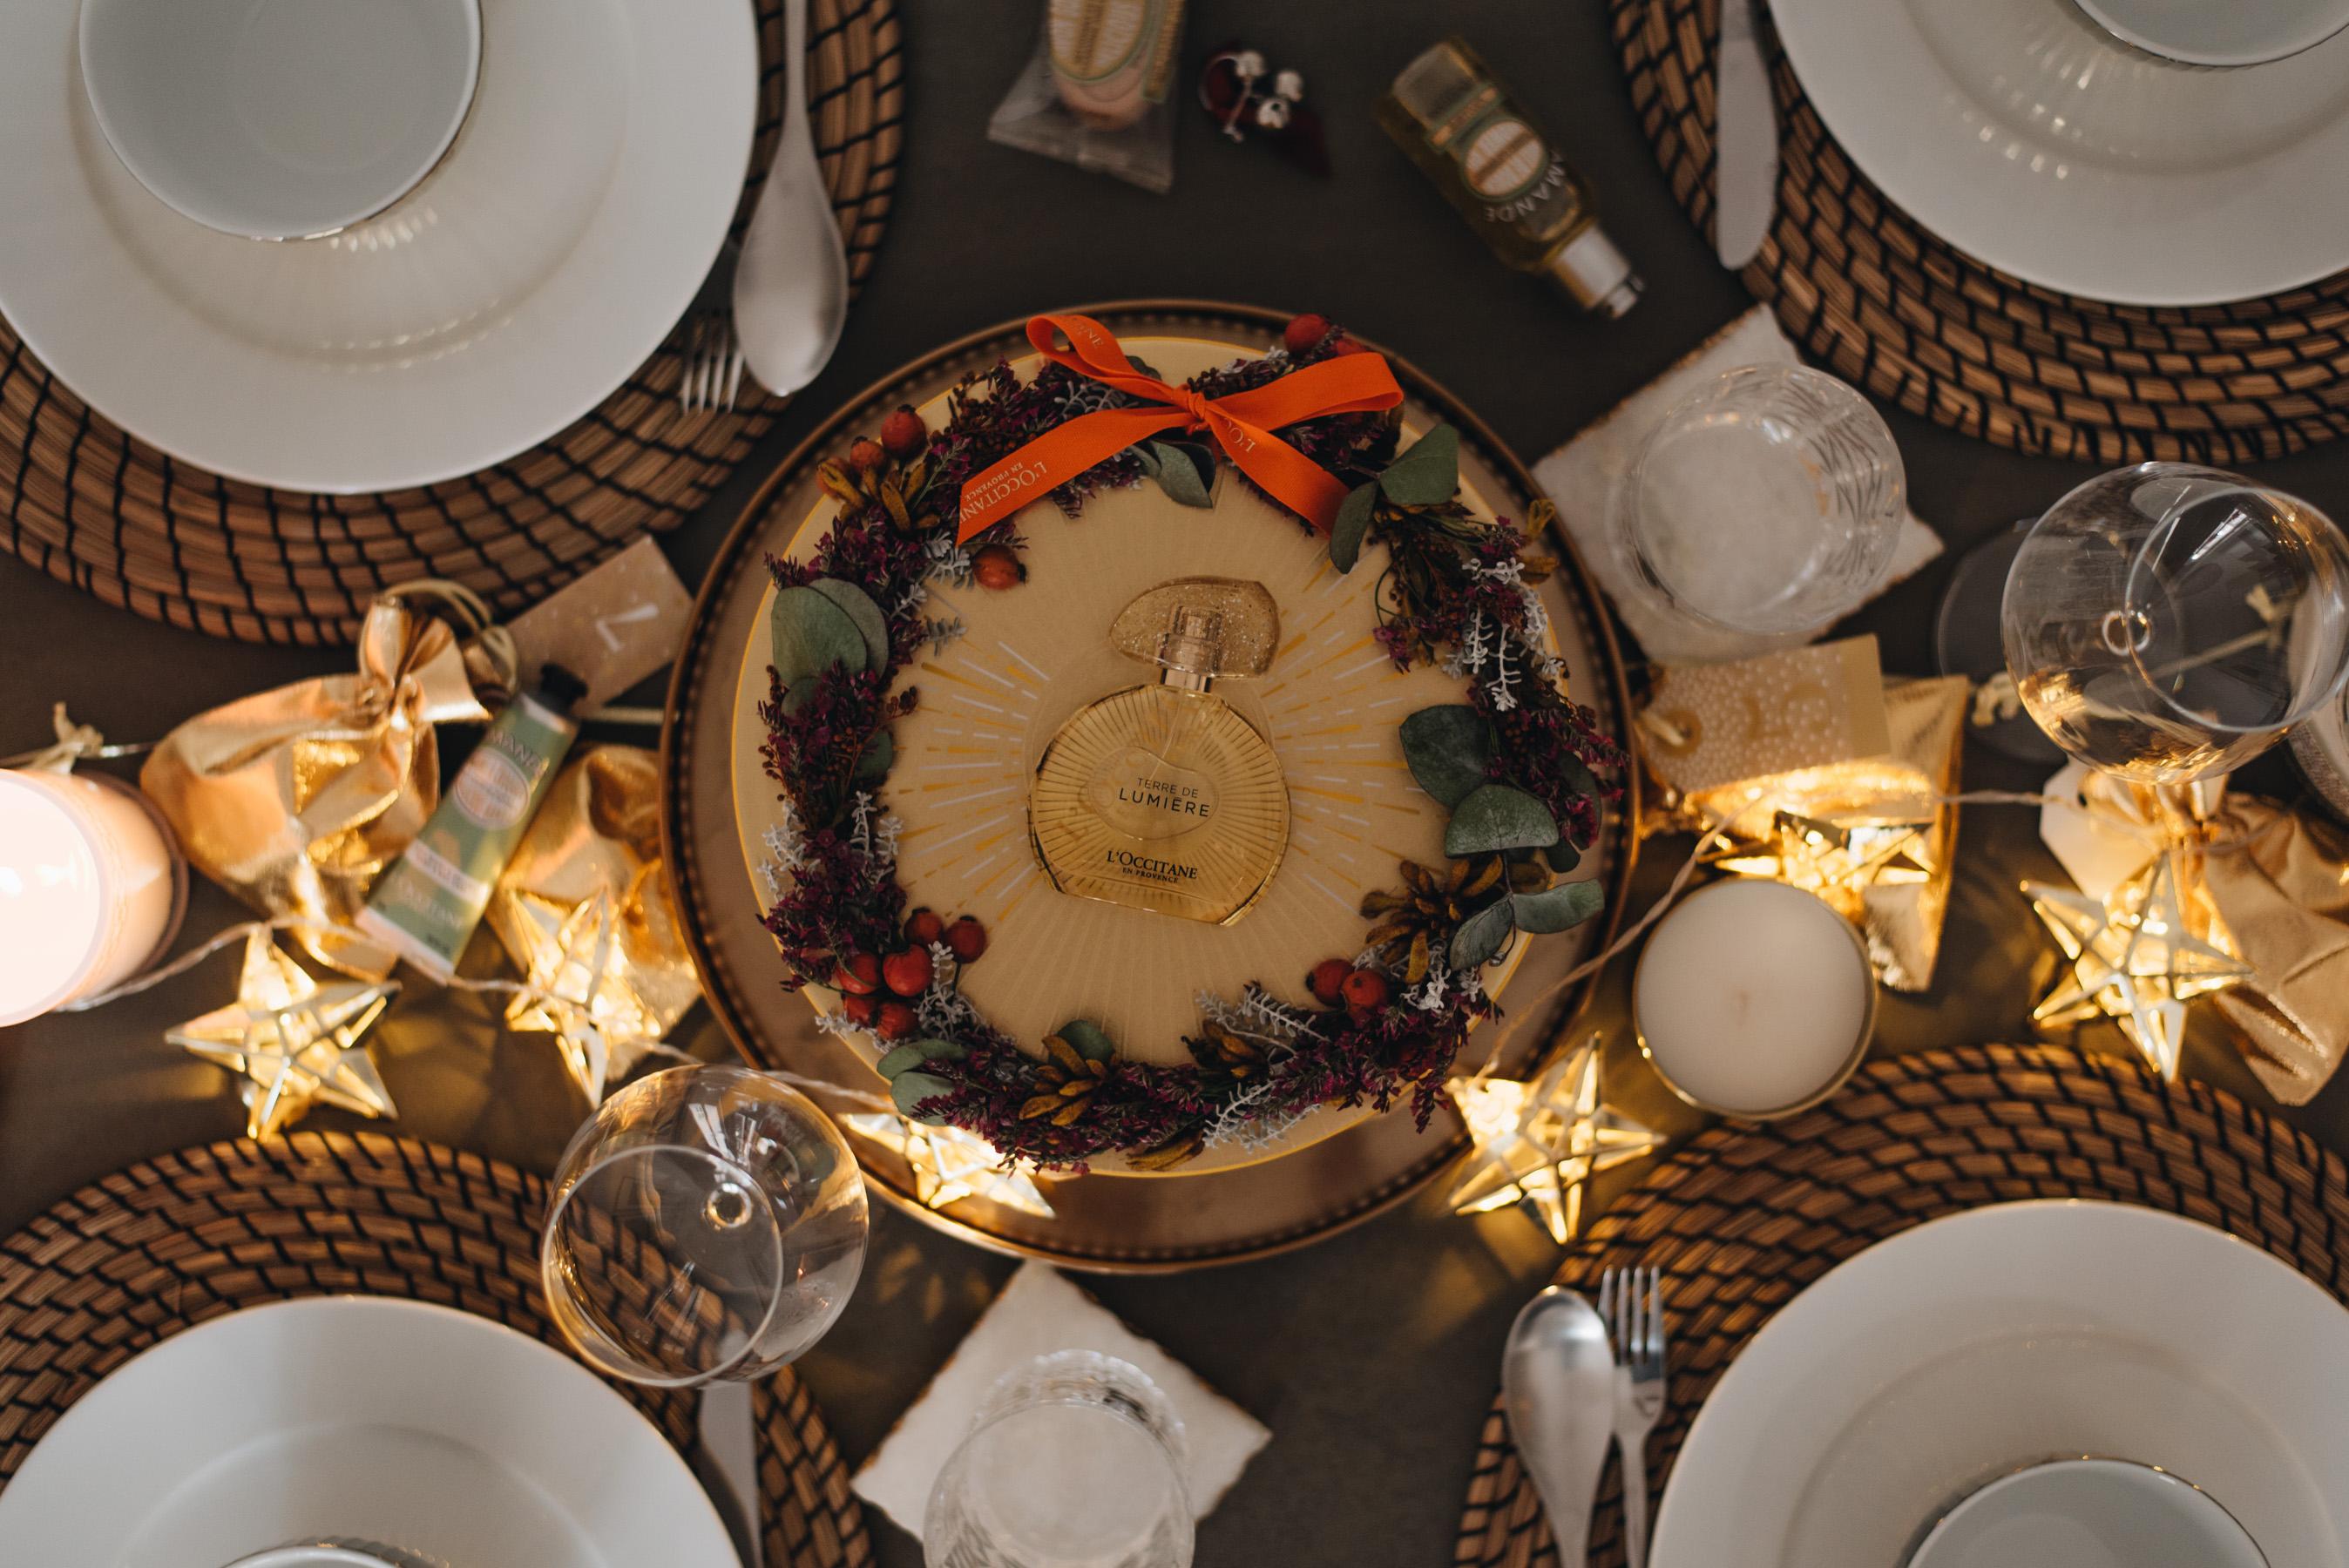 Weihnachtsgeschenke-für-Freunde-Familie-Geschenkideen-Freund-Bruder-Vater-tipps-fashiioncarpet-nina-schwichtenberg